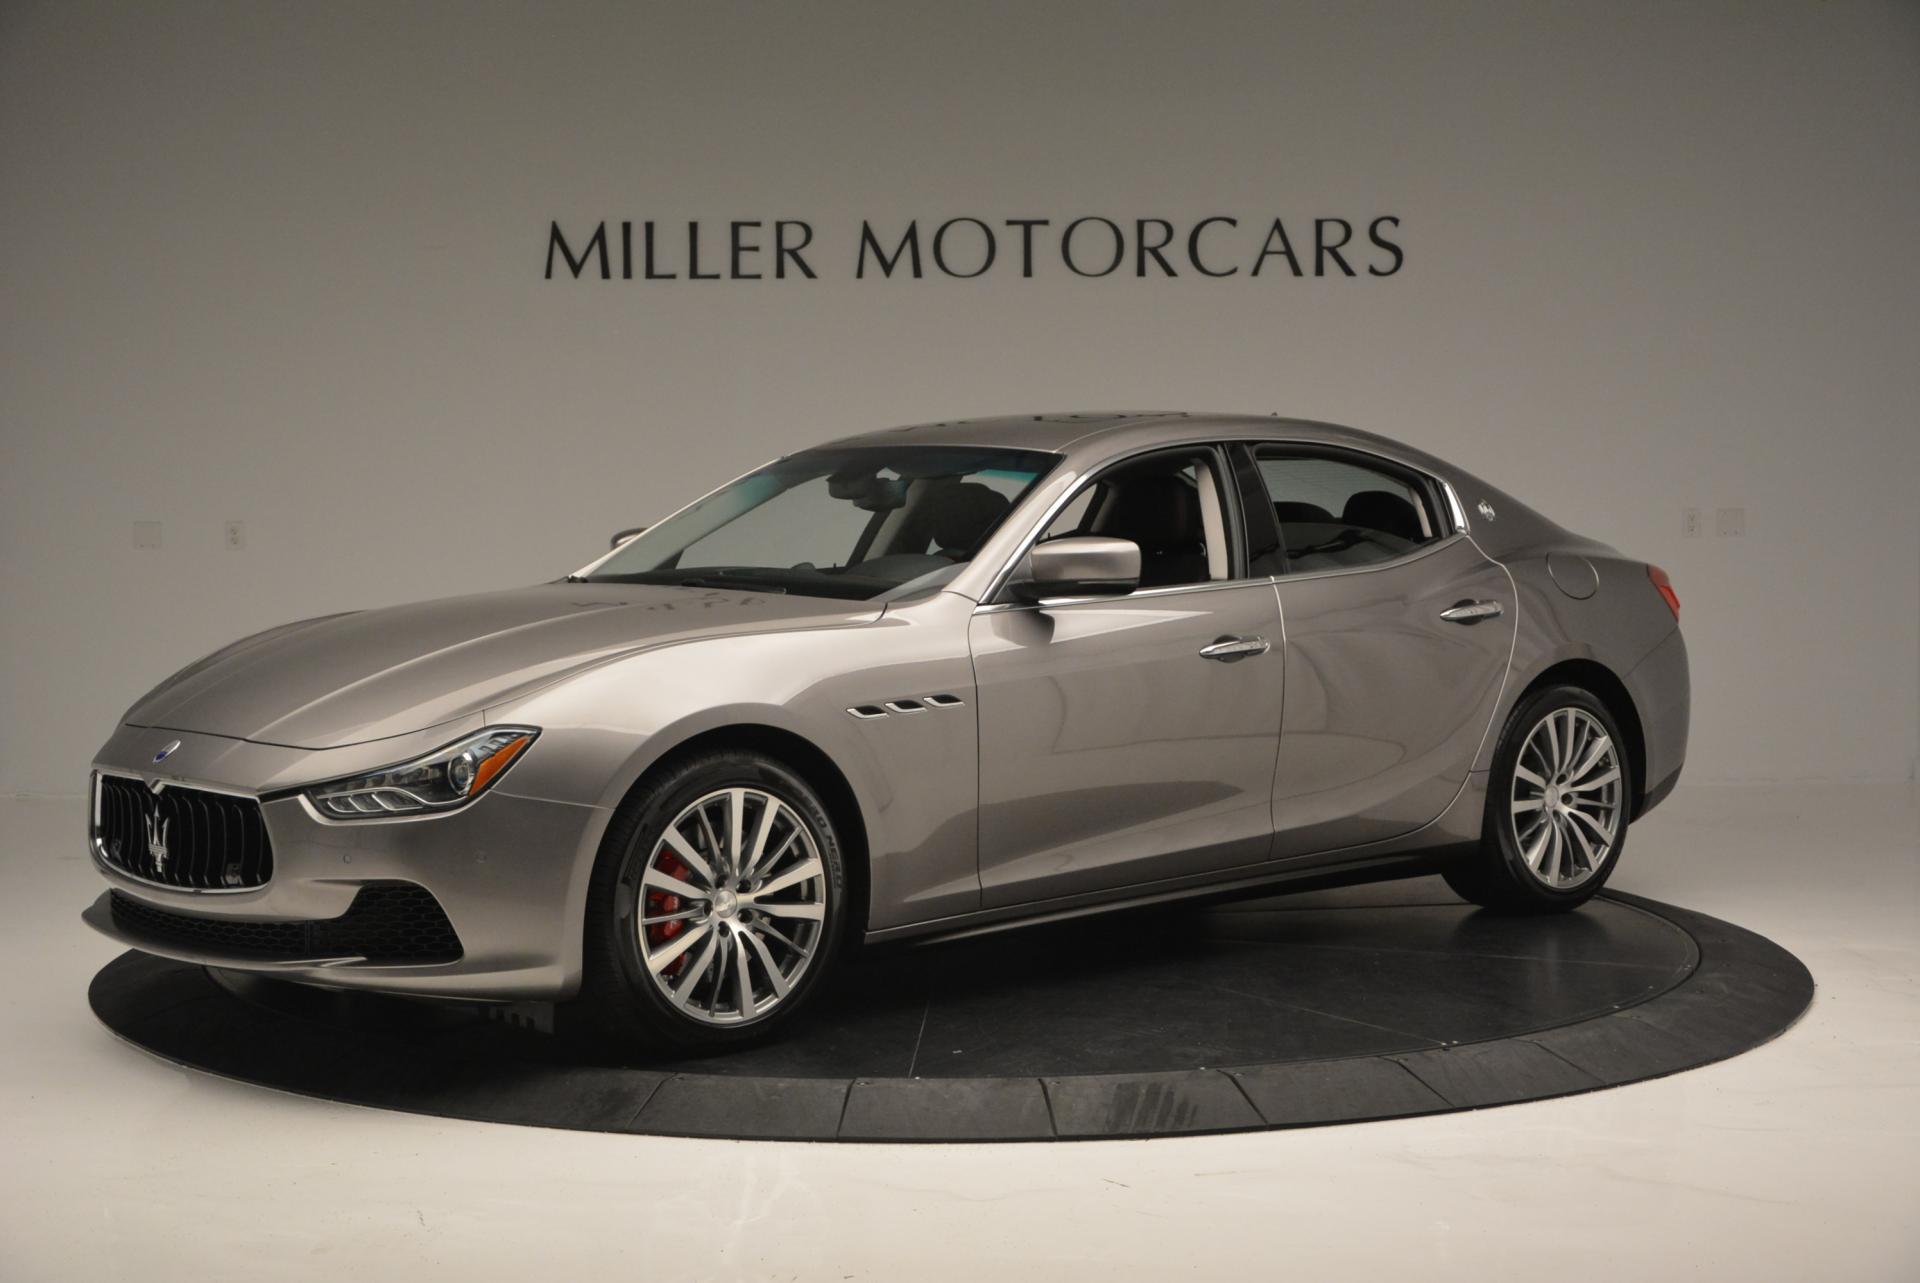 New 2016 Maserati Ghibli S Q4 For Sale In Greenwich, CT 51_p2